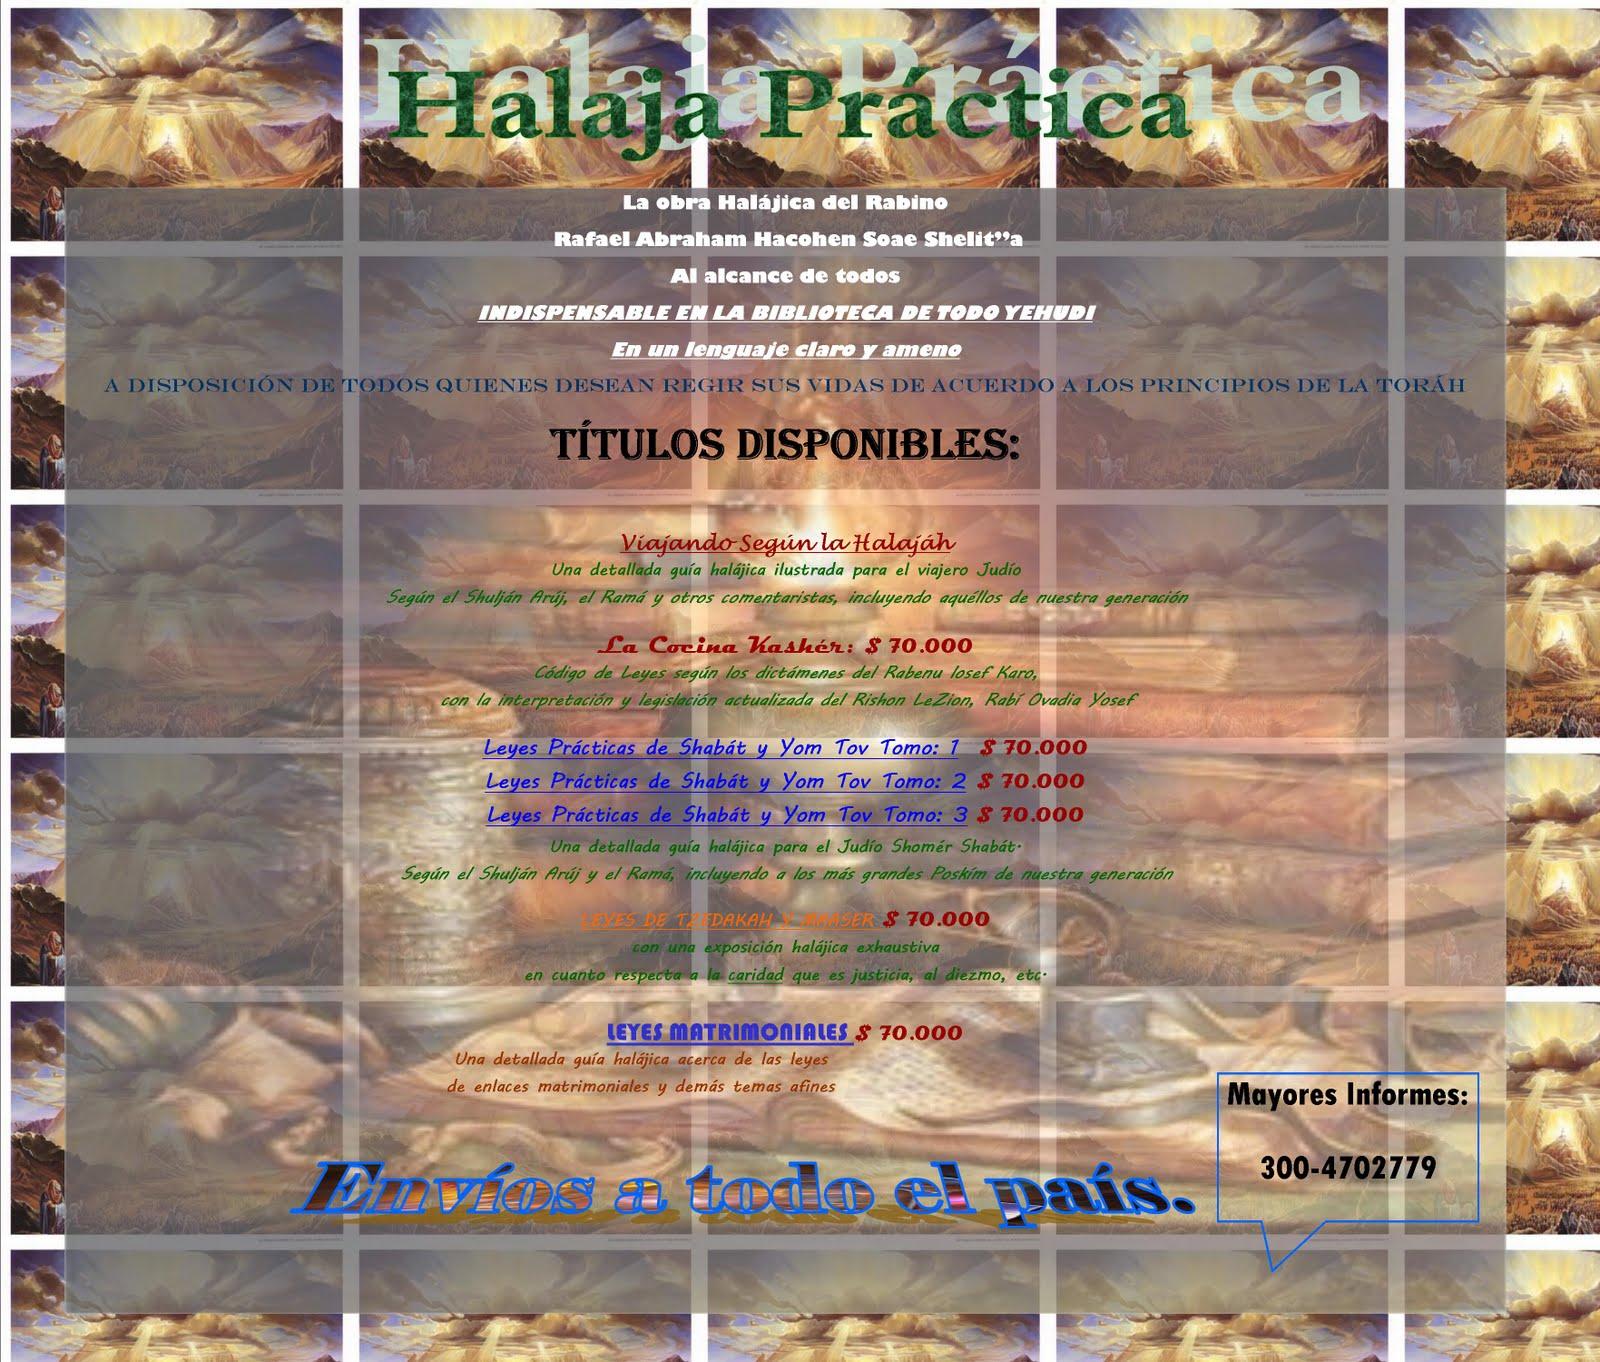 http://2.bp.blogspot.com/_xypvDAkA40I/S9ziFd5KNtI/AAAAAAAAAAc/AWdw10e6JCU/s1600/halaja.jpg